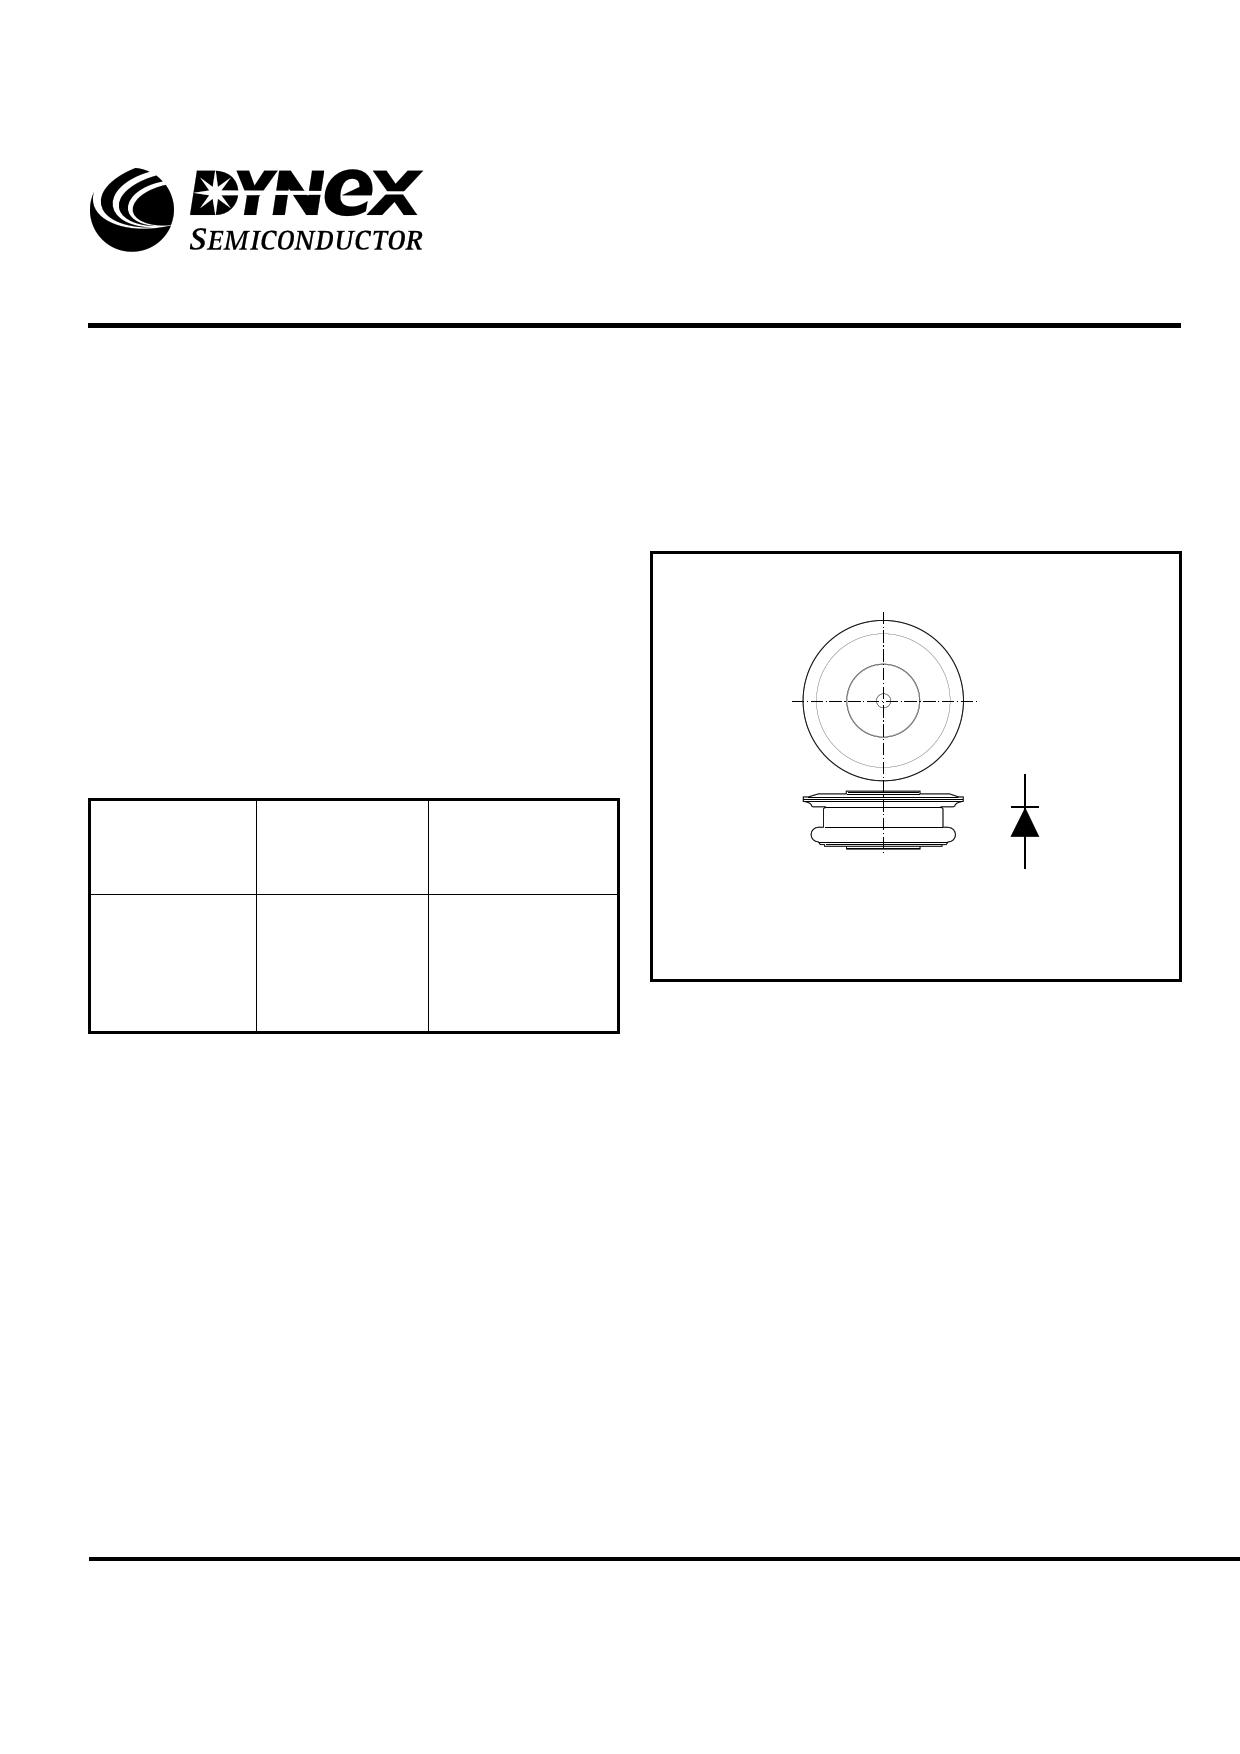 ds502st09 datasheet pdf   pinout